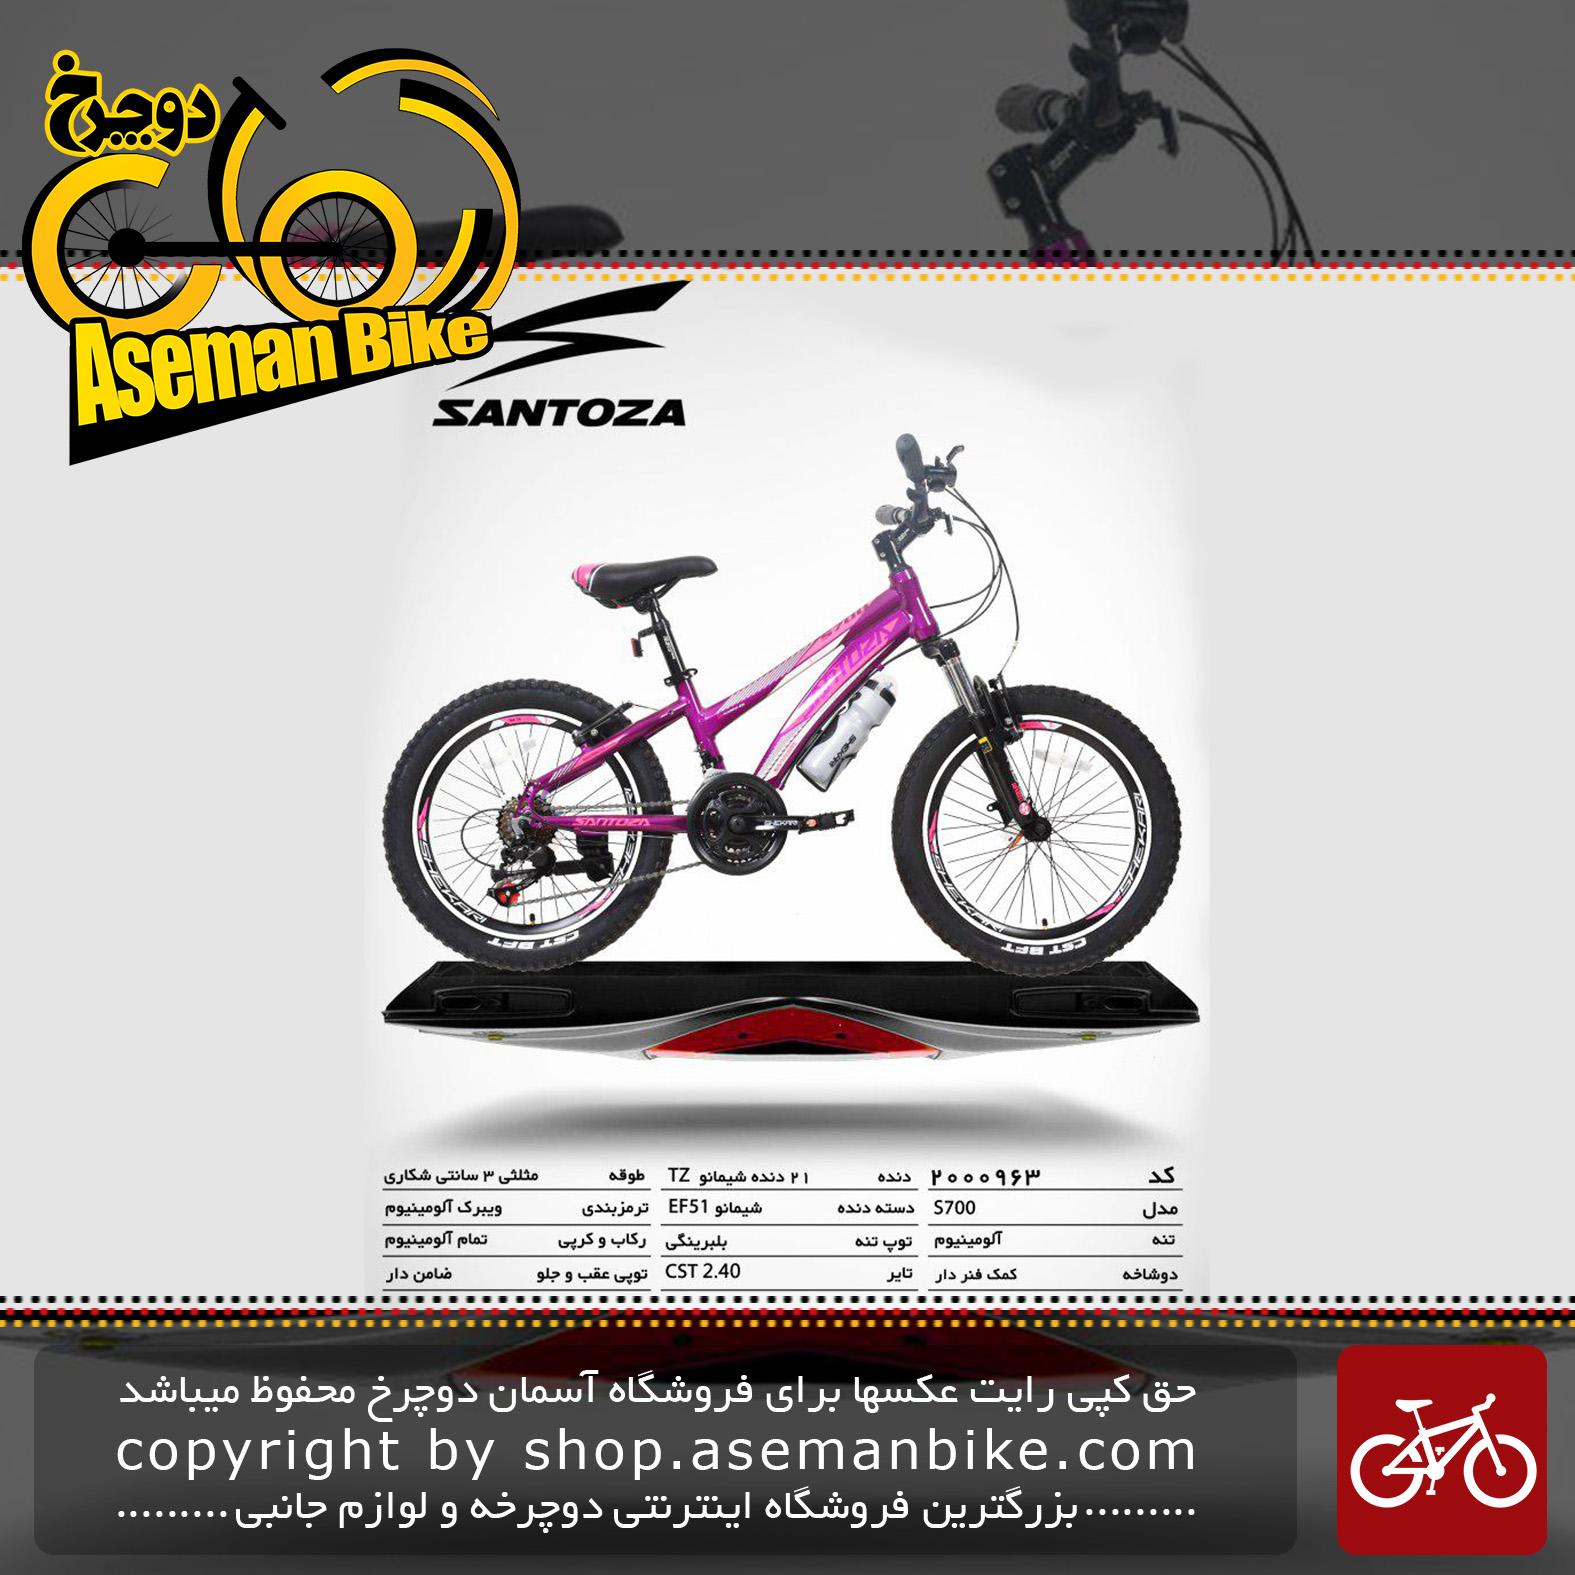 دوچرخه کوهستان سانتوزا 21 دنده شیمانو تورنی تنه آلومینیوم سایز 20 مدل اس700 santoza bicycle 20 21 speed shimano tourney tz aluminum vb s700 2019